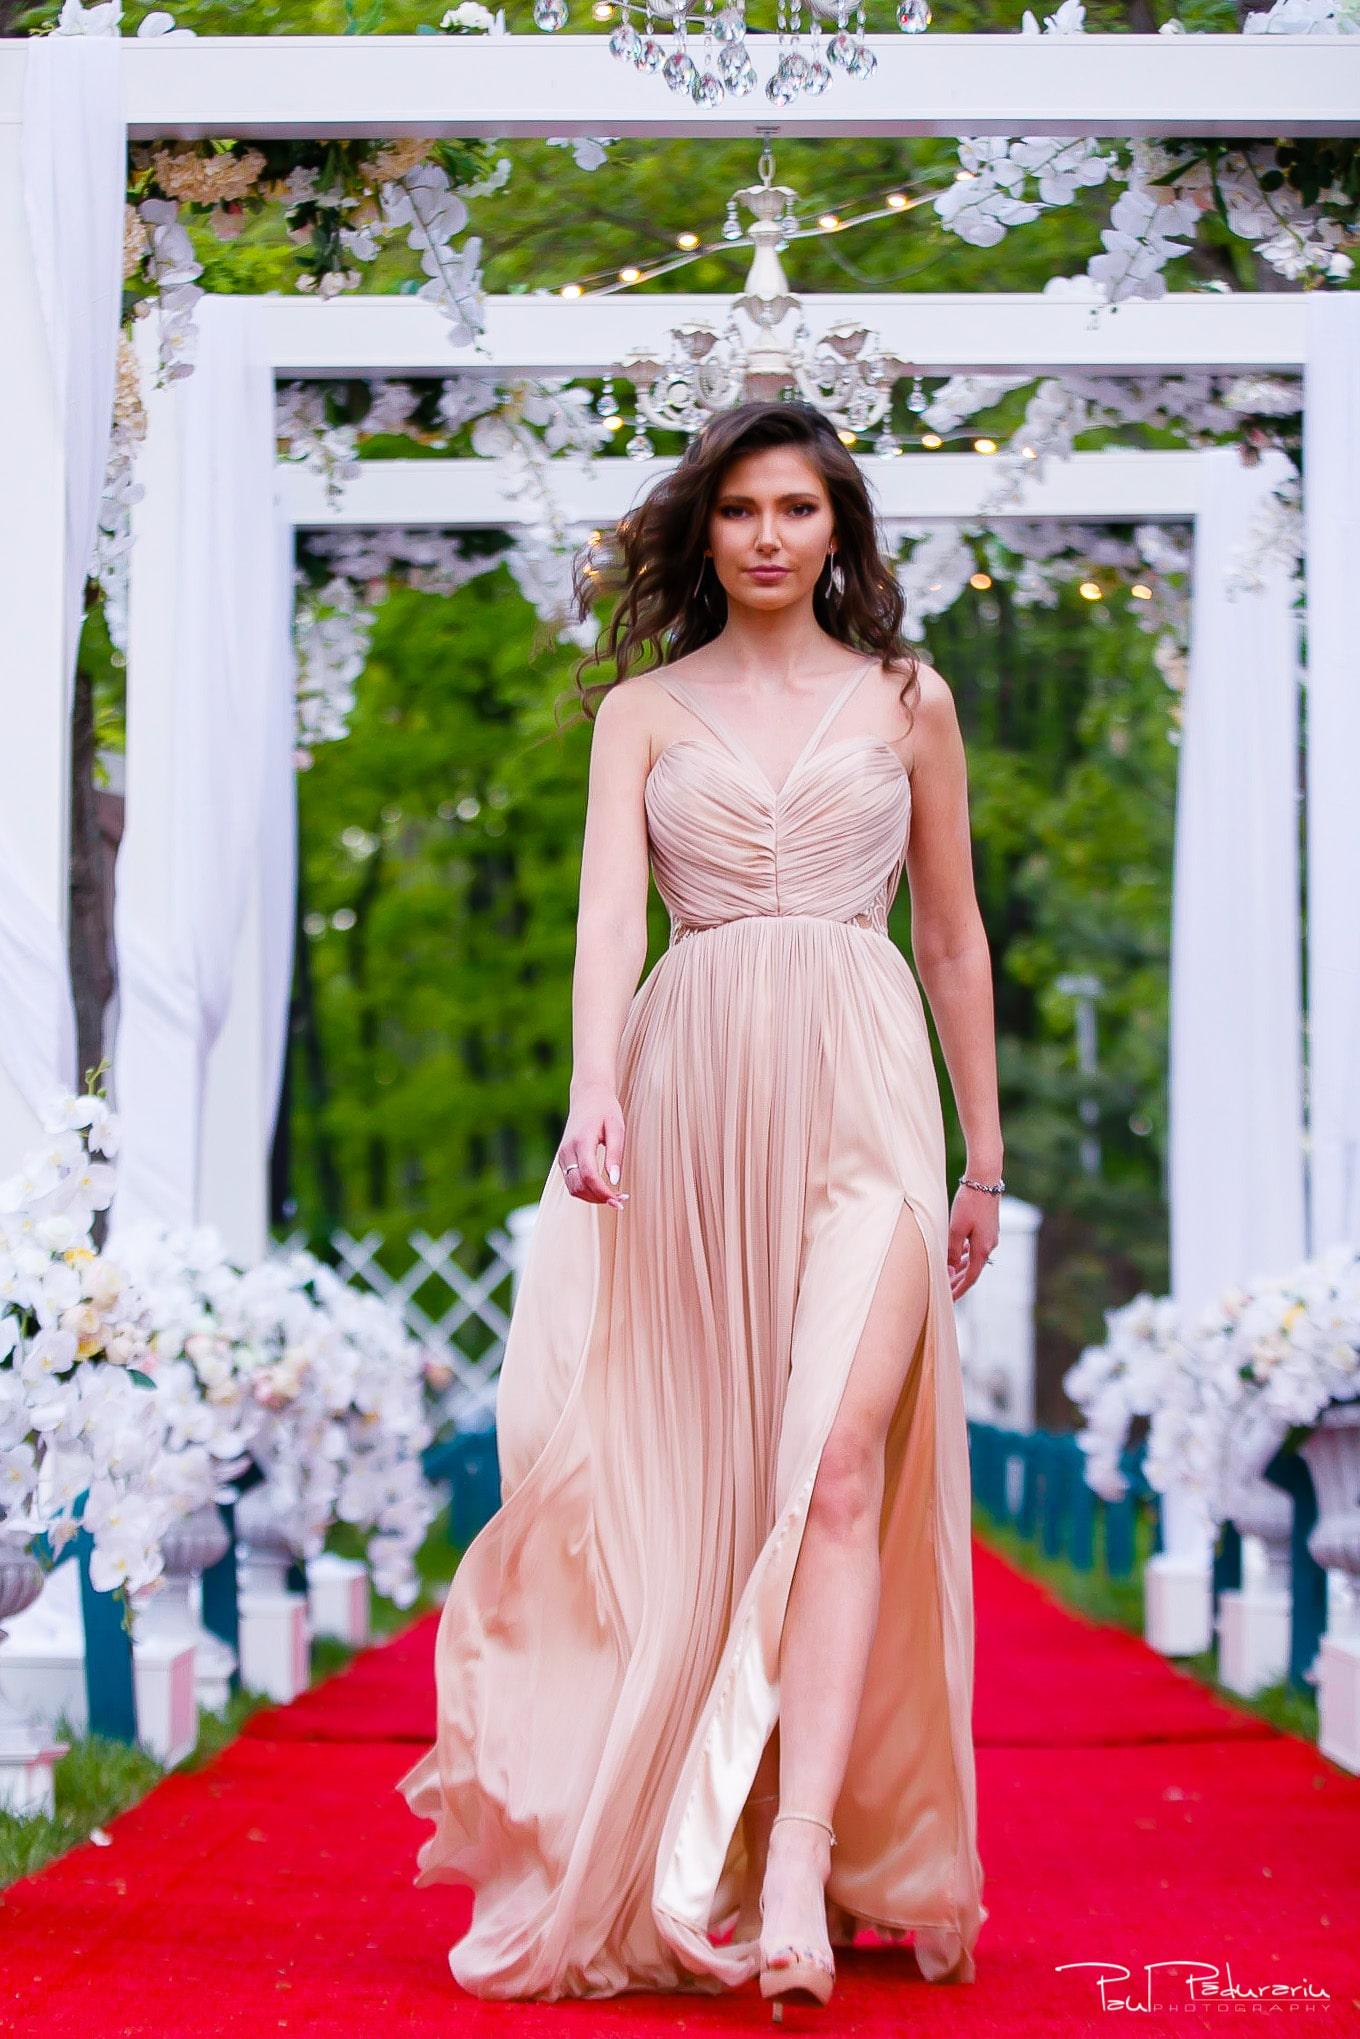 Nunta de proba Elysium Iasi 2019 paul padurariu fotograf nunta Iasi 59